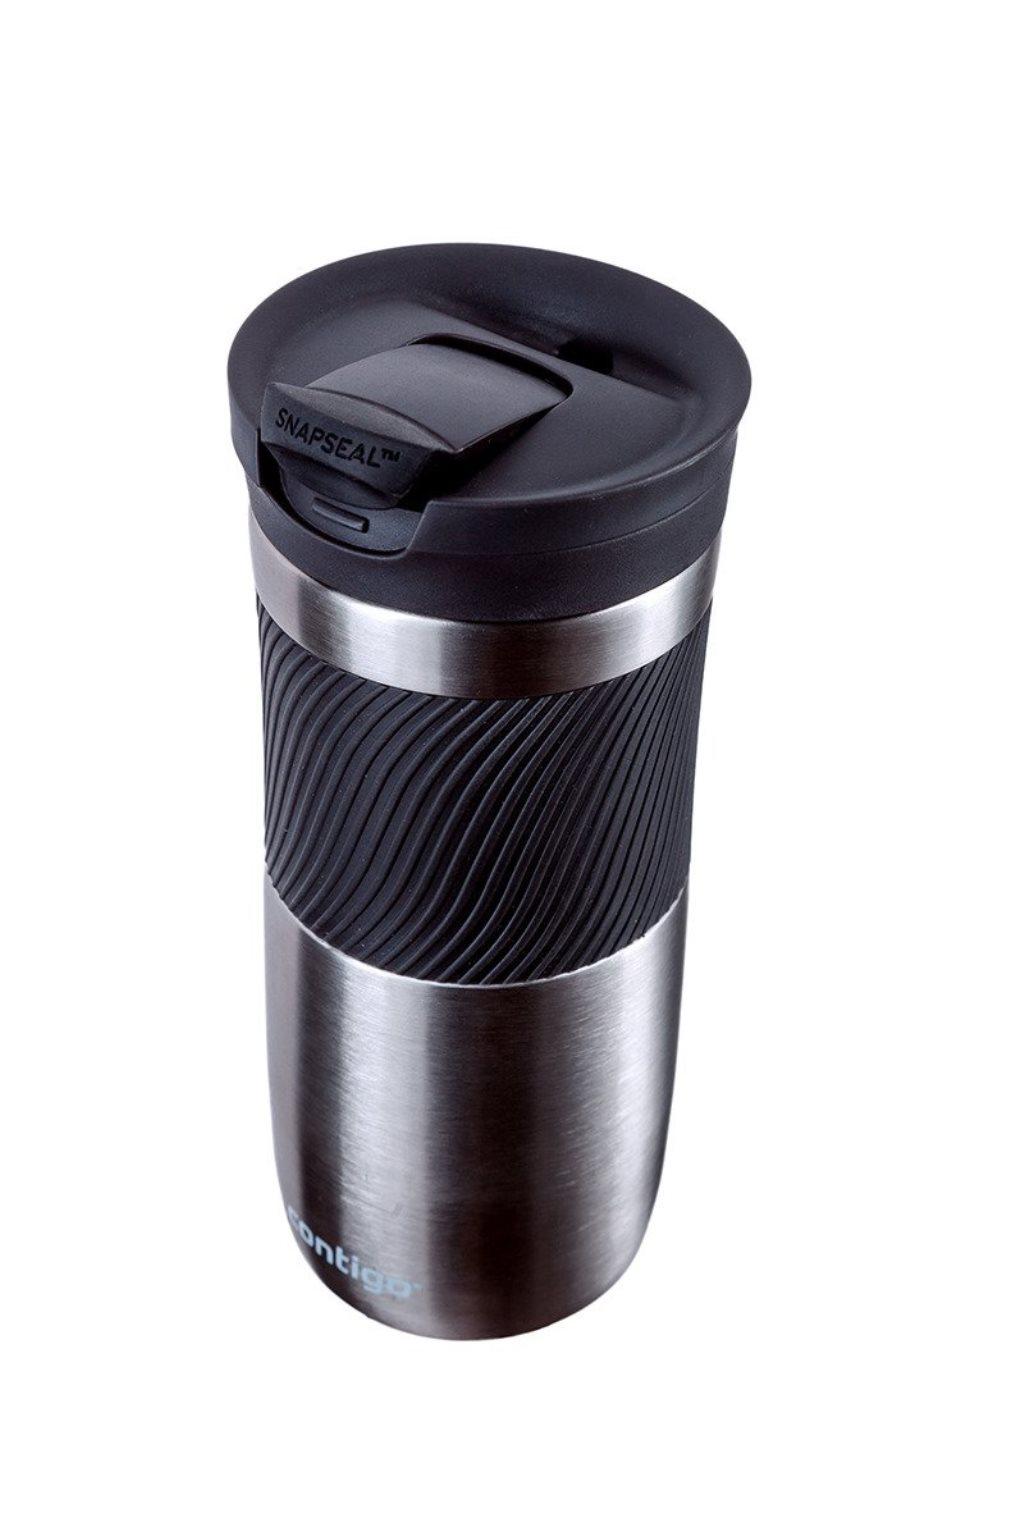 Термостакан Contigo BYRON 16, объем 0,47 л, серебристый с черным Contigo 2095558 фото 1